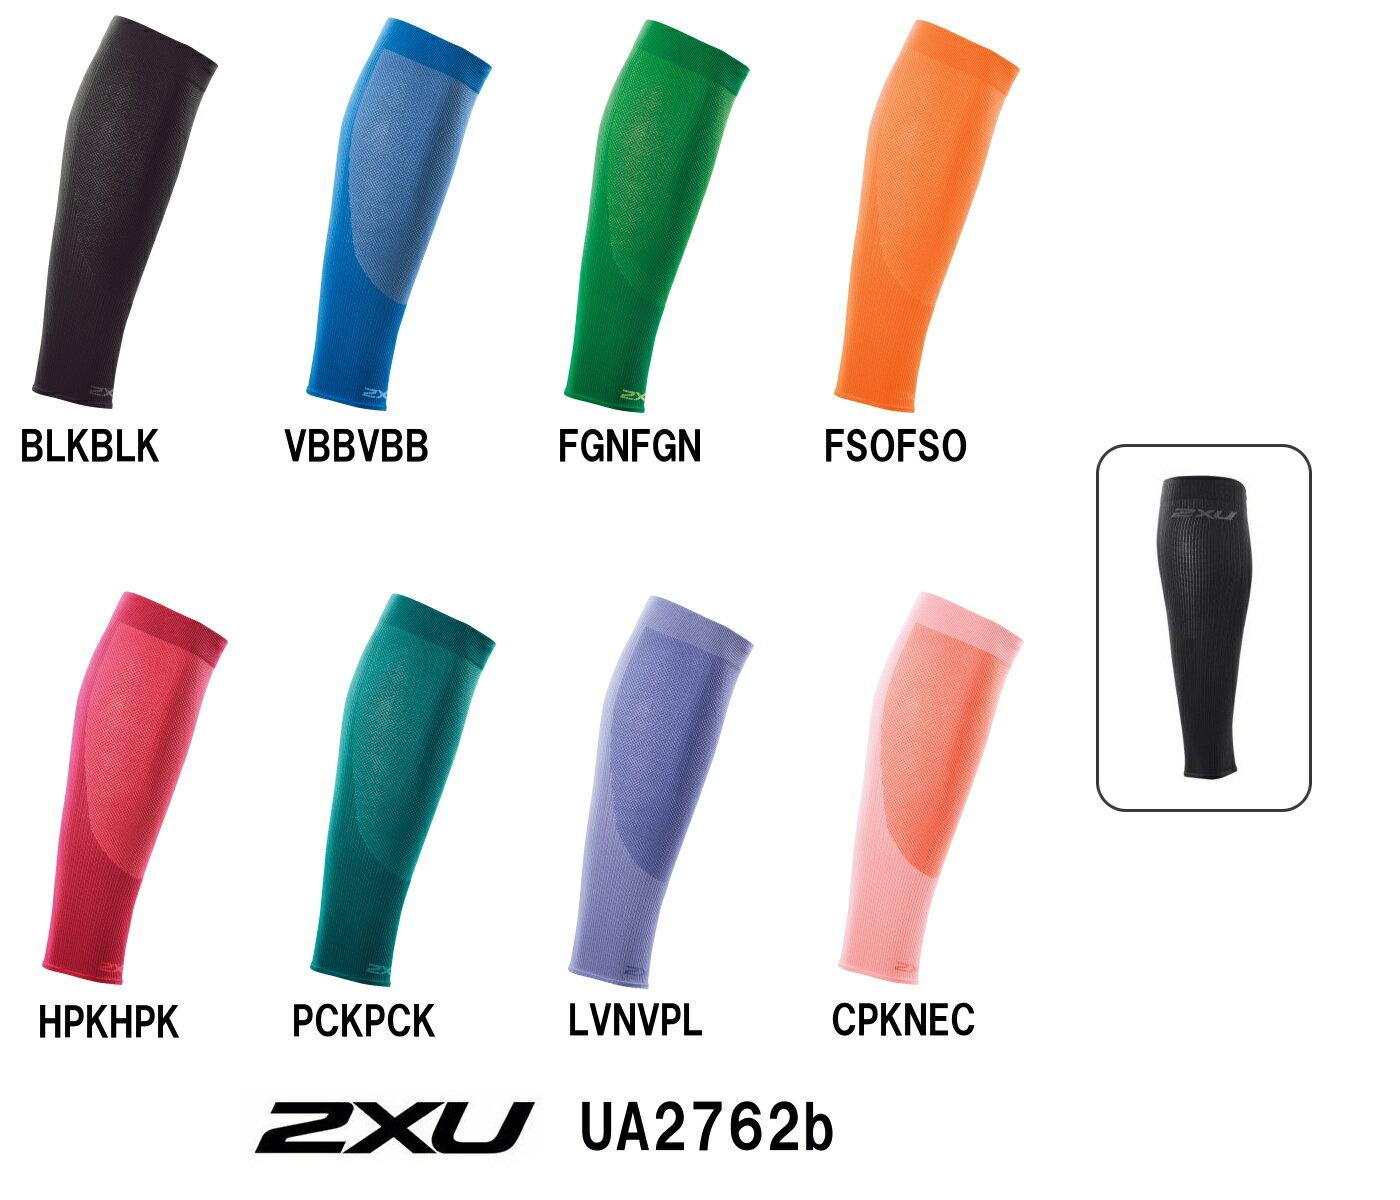 【UA2762b】2XU(ツー・タイムズ・ユー)コンプレッションパフォーマンスランスリーブ